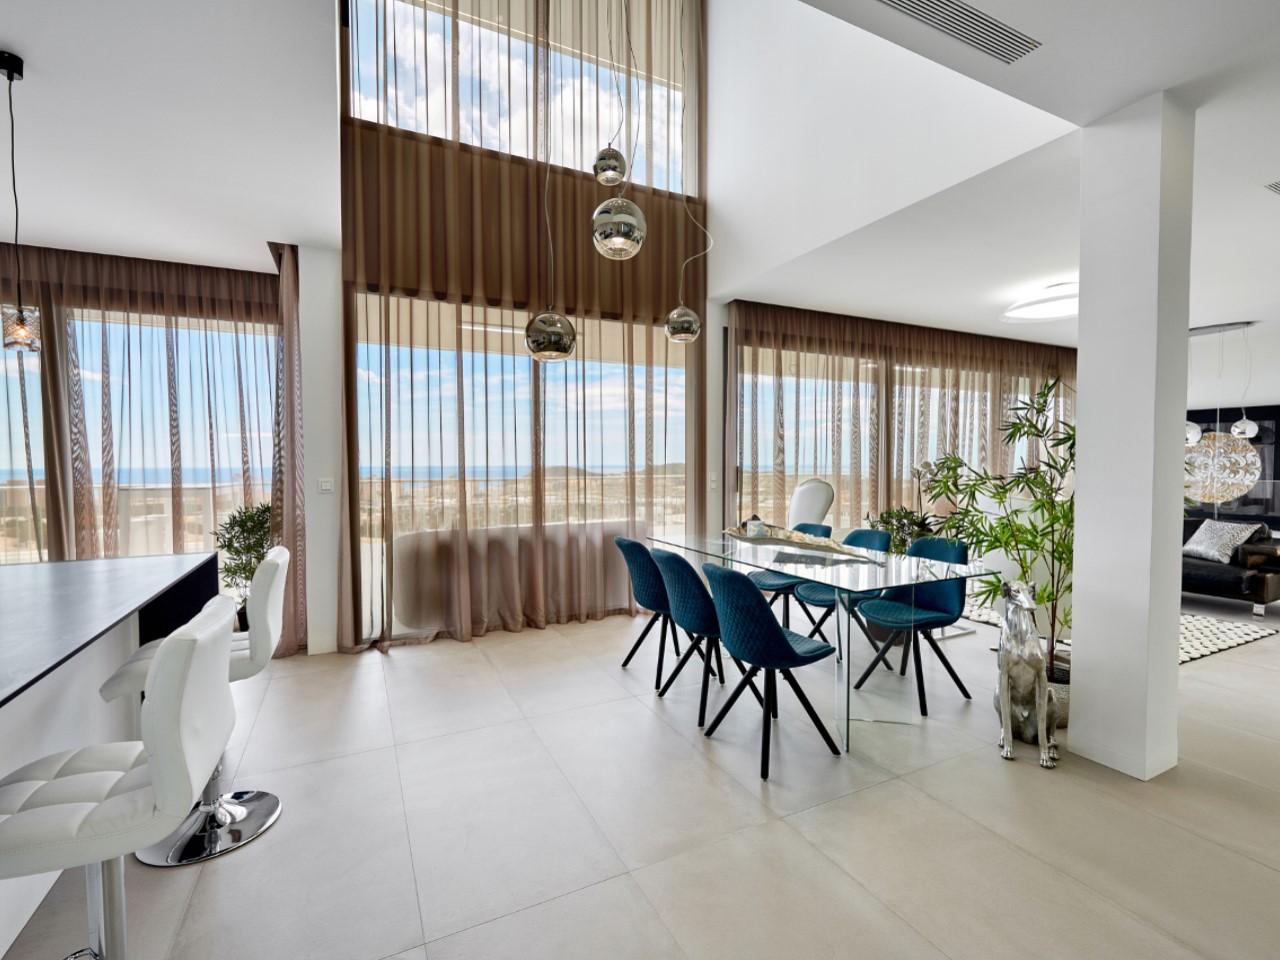 Élégante villa vue sur la mer Finestrat Benidorm - Espagne